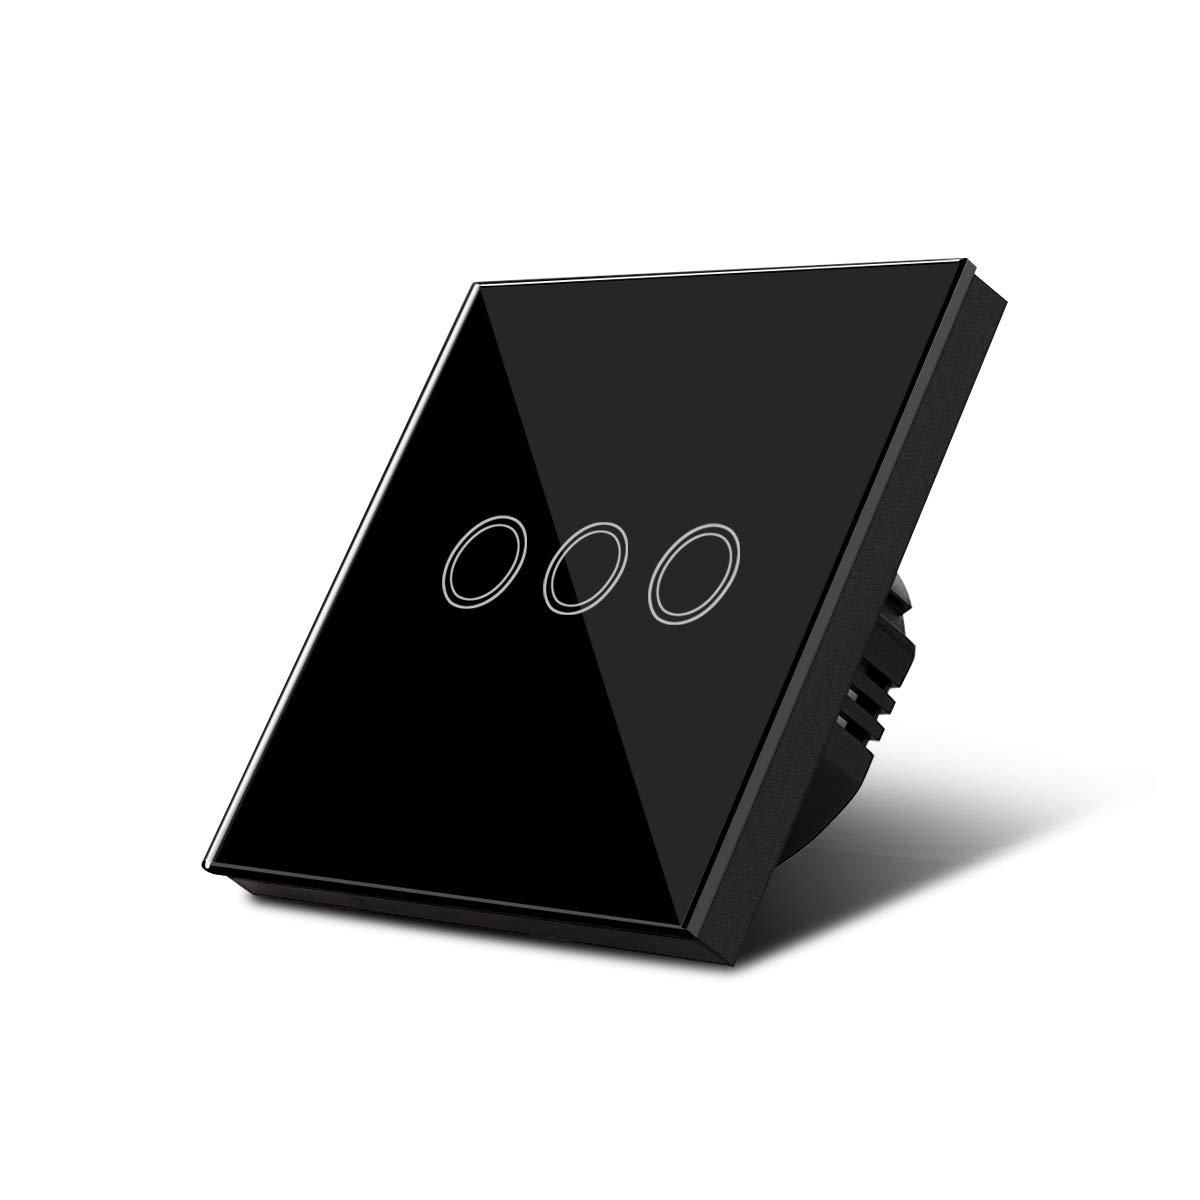 Aimengte Interruptor t/áctil inteligente LED capacitivo resistente al rayado A prueba de ara/ñazos Templado Interruptor de luz de pared de vidrio 220V 1//2//3 Cuadrante con luz indicadora